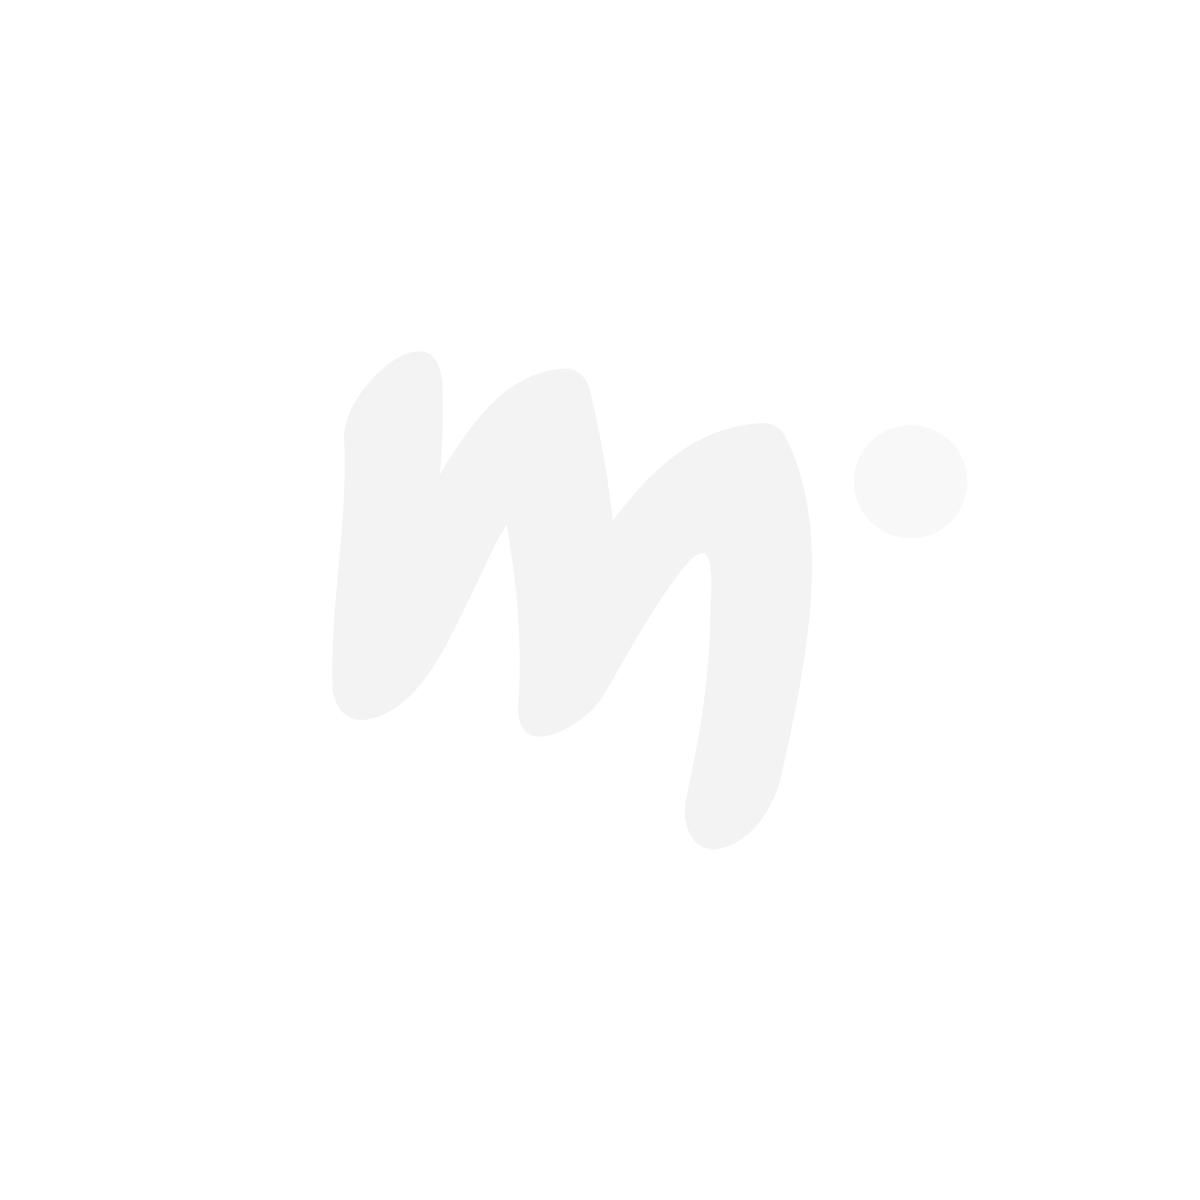 Peppi Pitkätossu Kekkeri-paita mintunvihreä